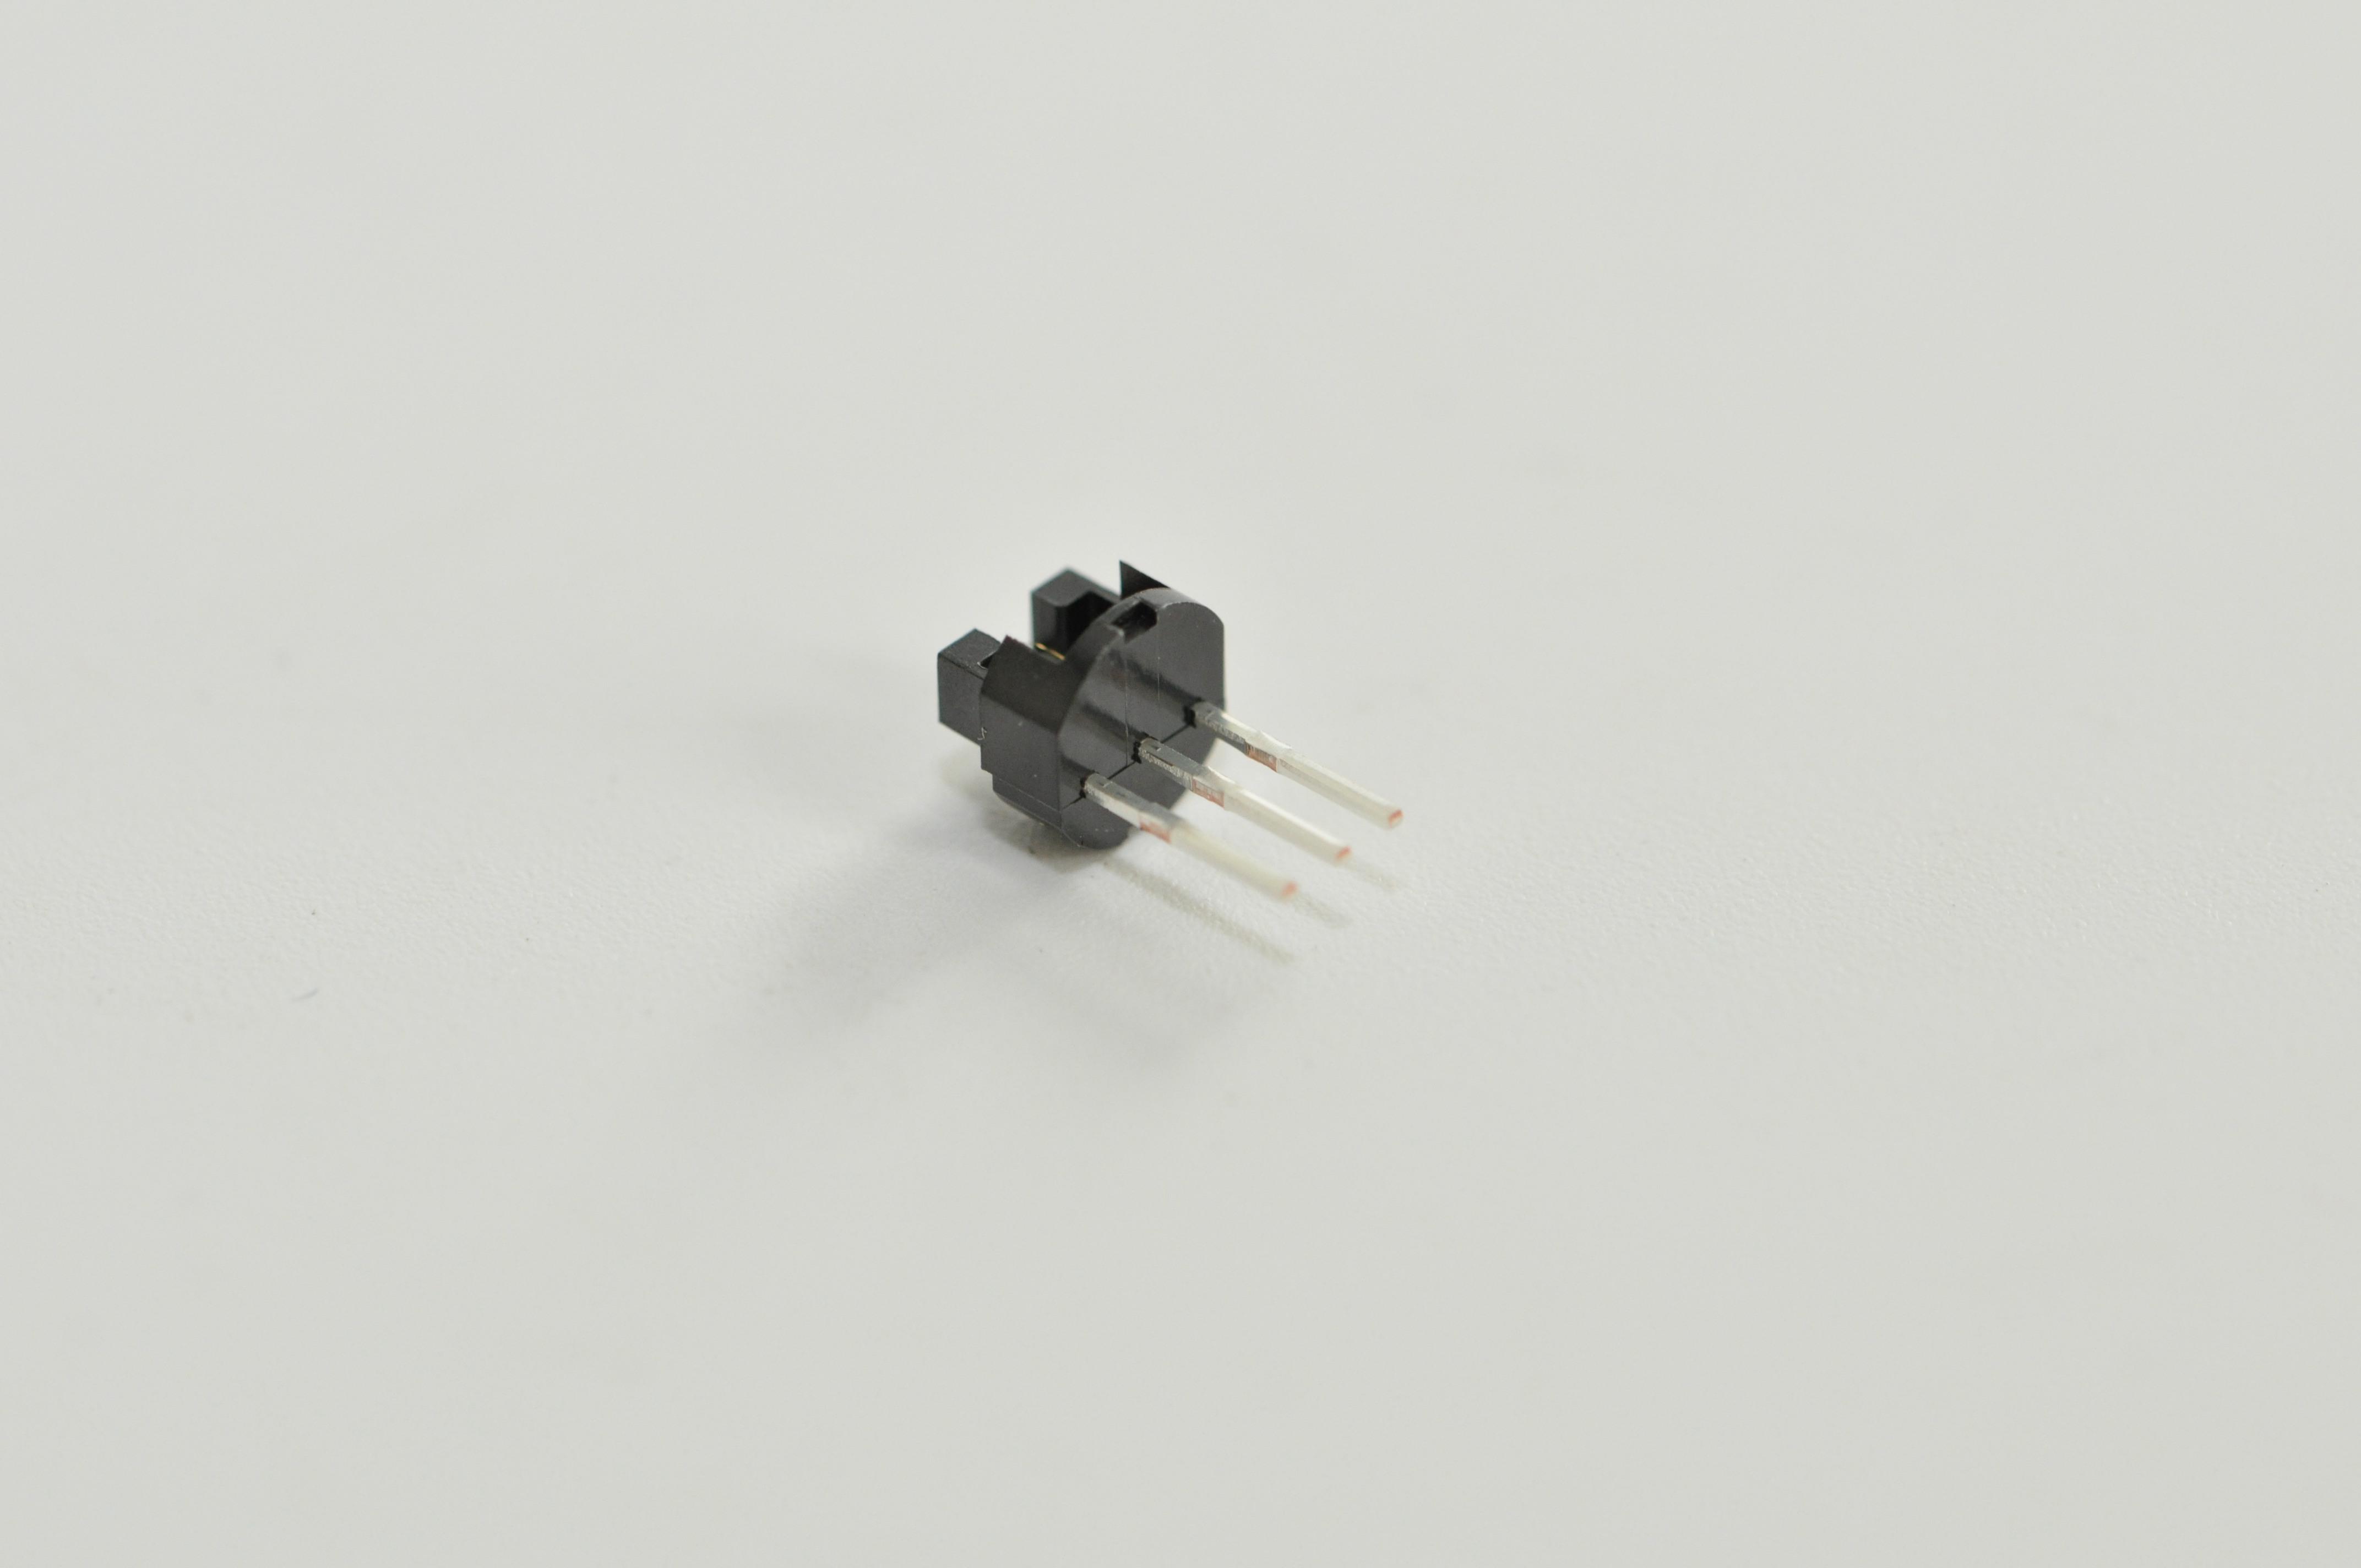 905nm激光二极管品牌 欢迎咨询 无锡斯博睿科技供应